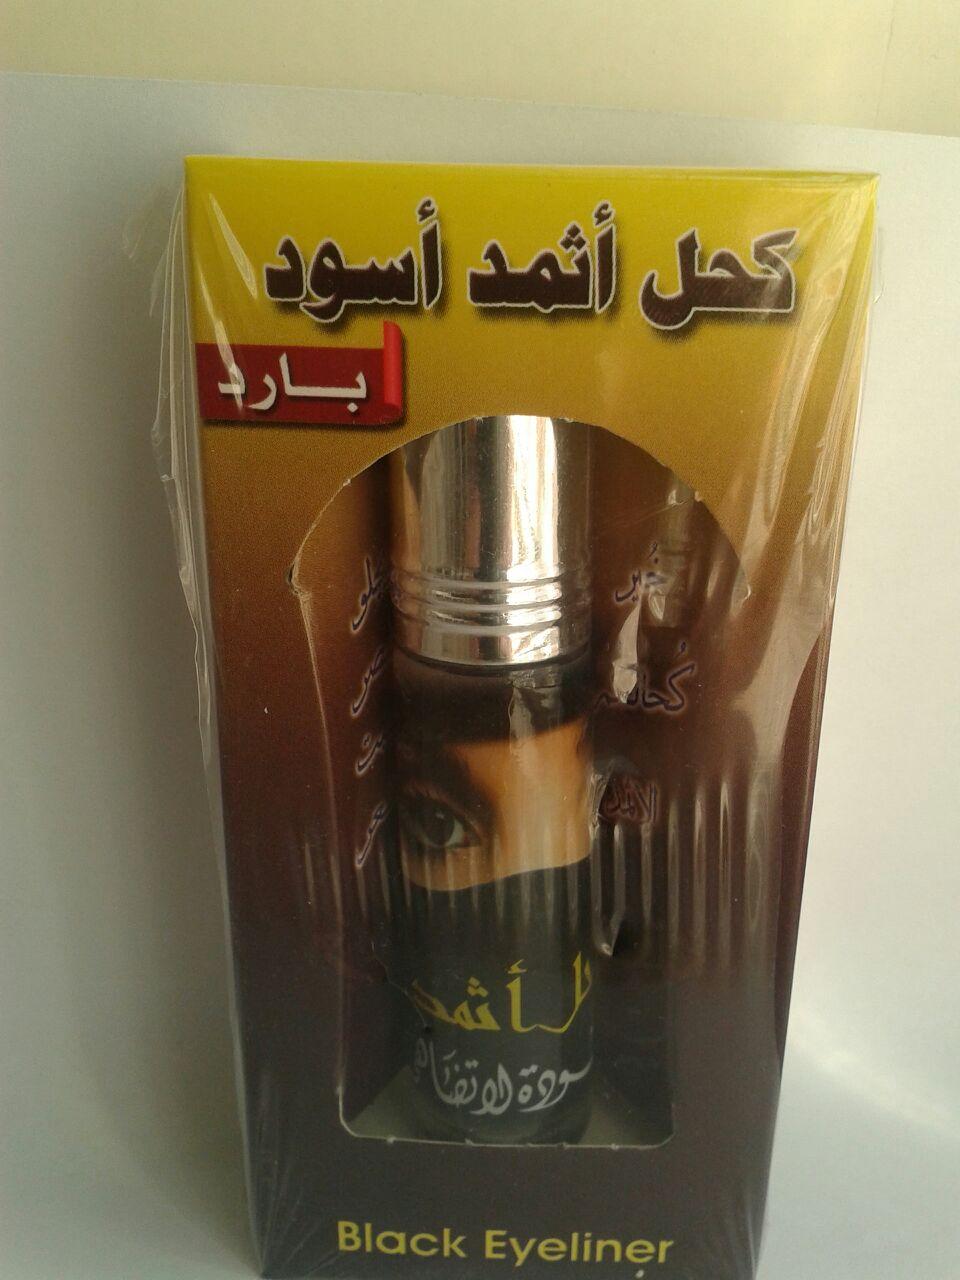 السعودية تحذر من كحل العين وطلاء الأظافر لاحتوائهم على الرصاص 243_9210